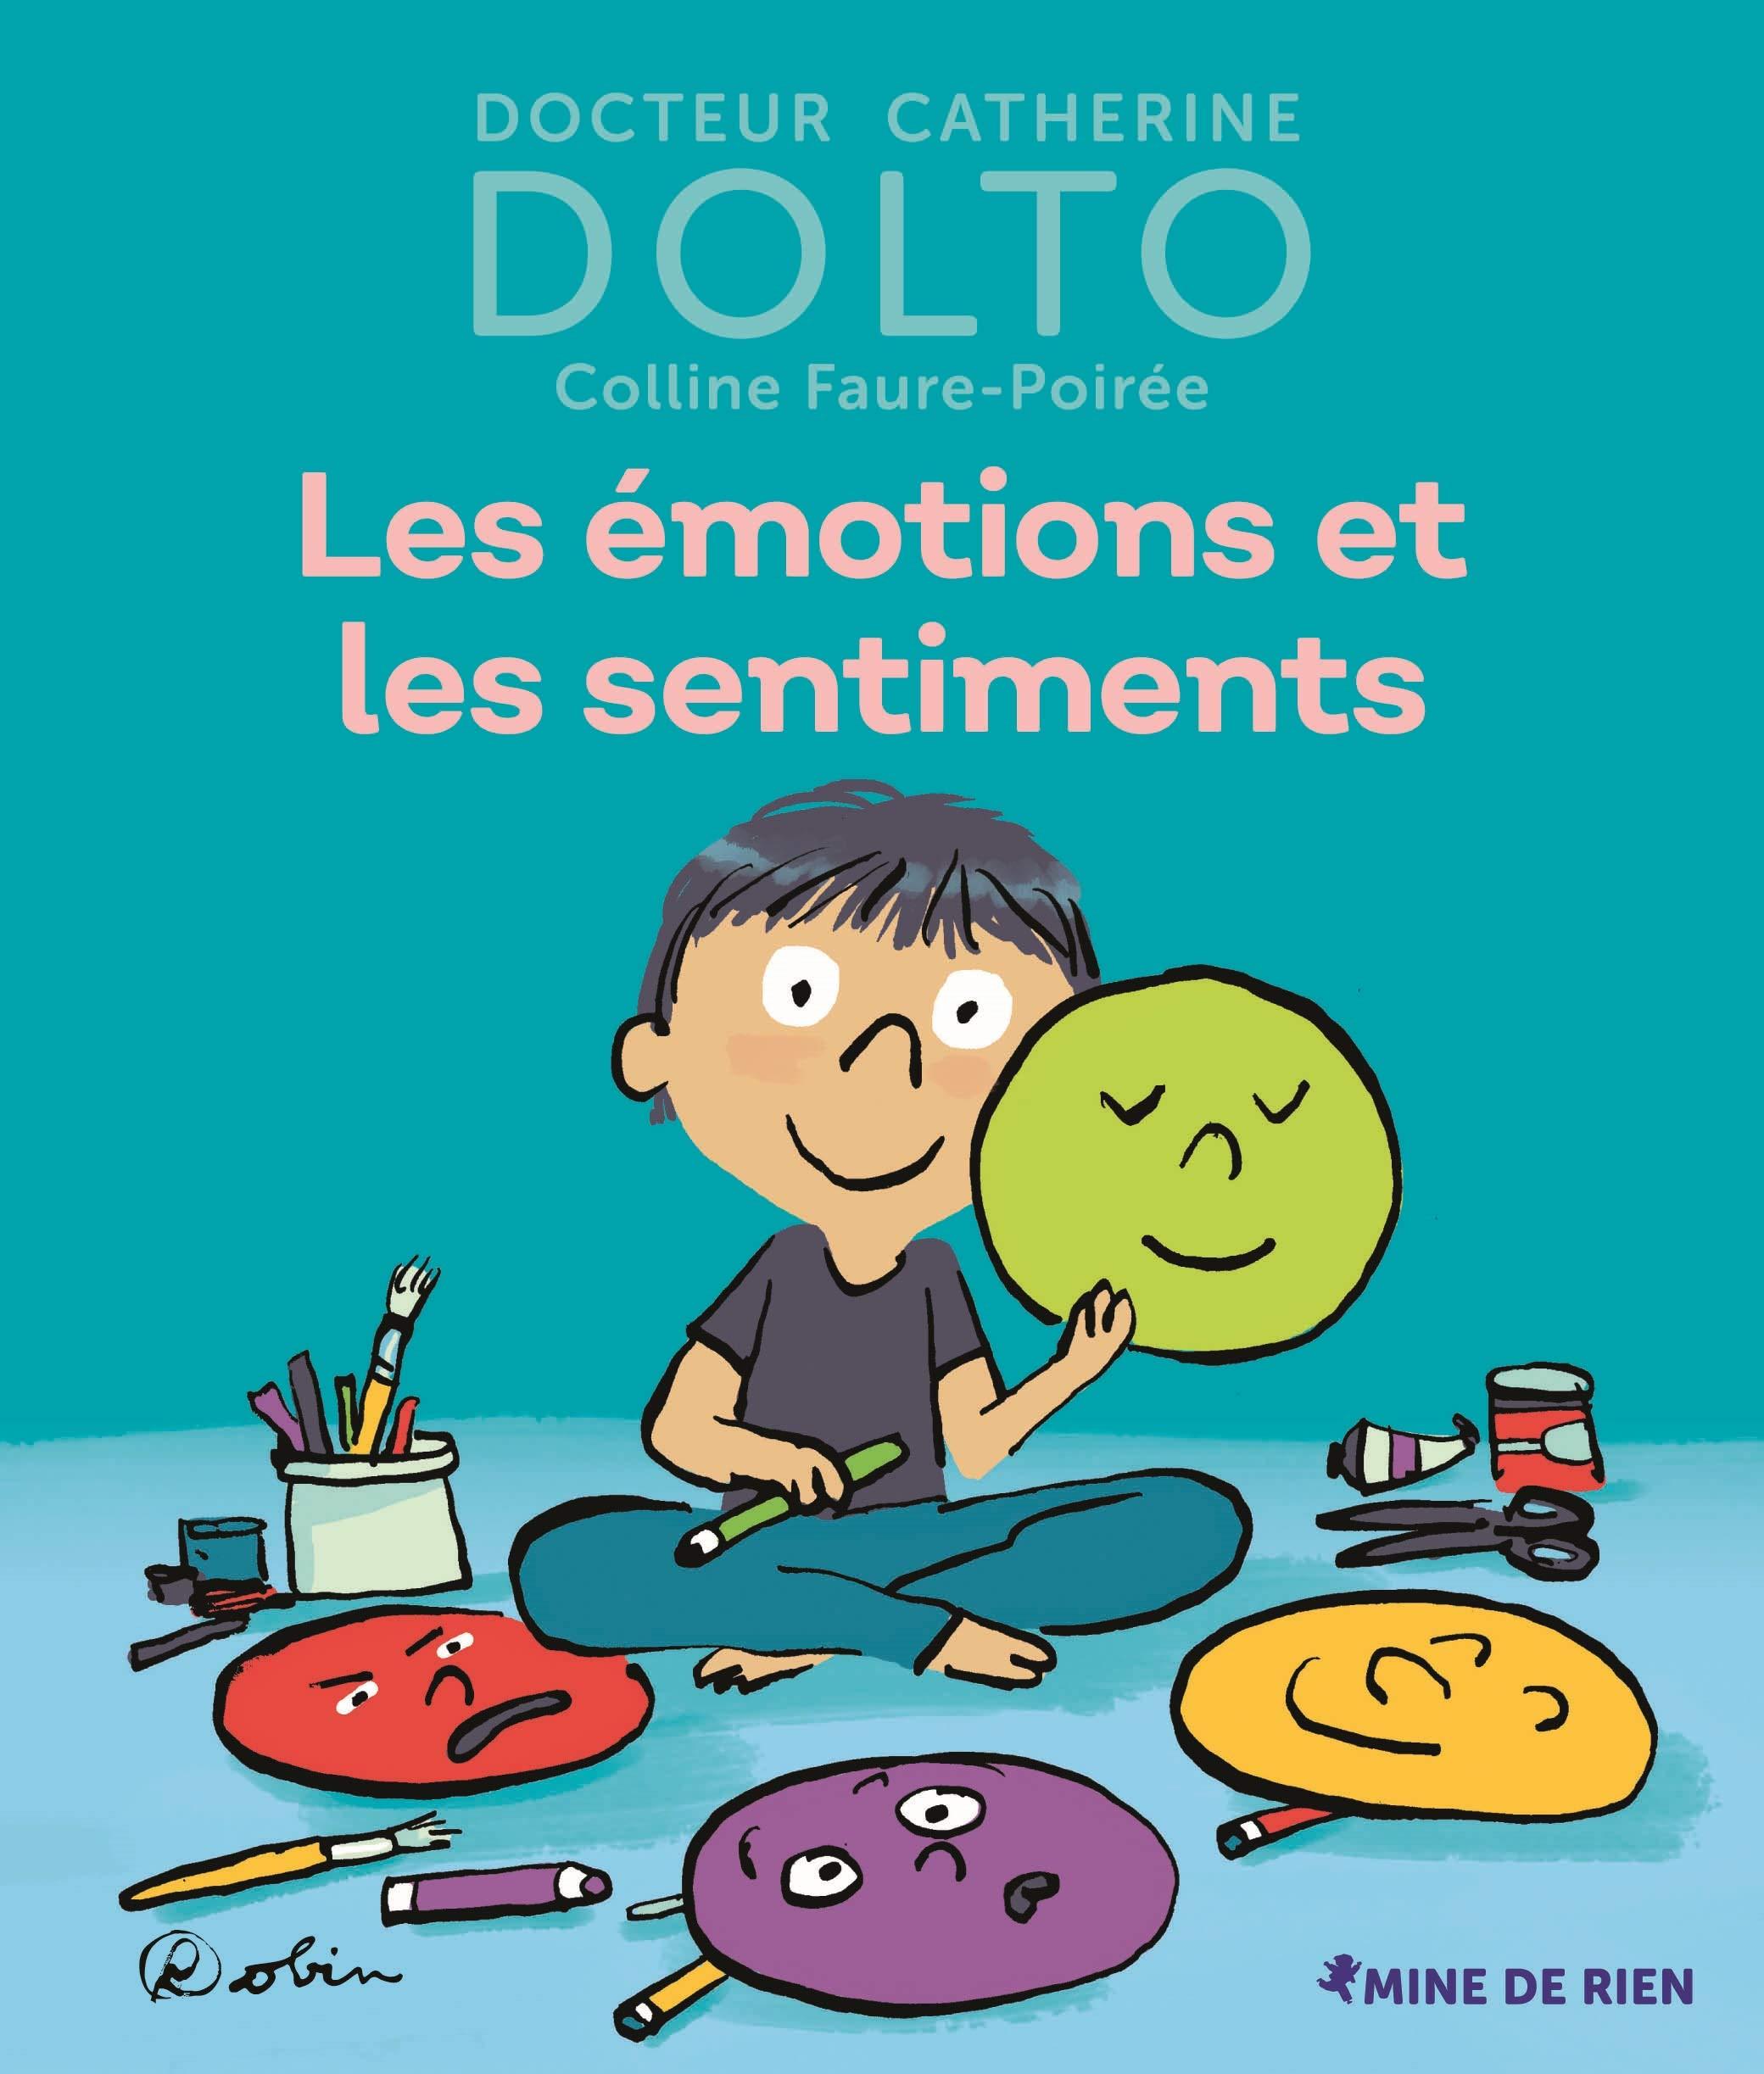 Les émotions et les sentiments